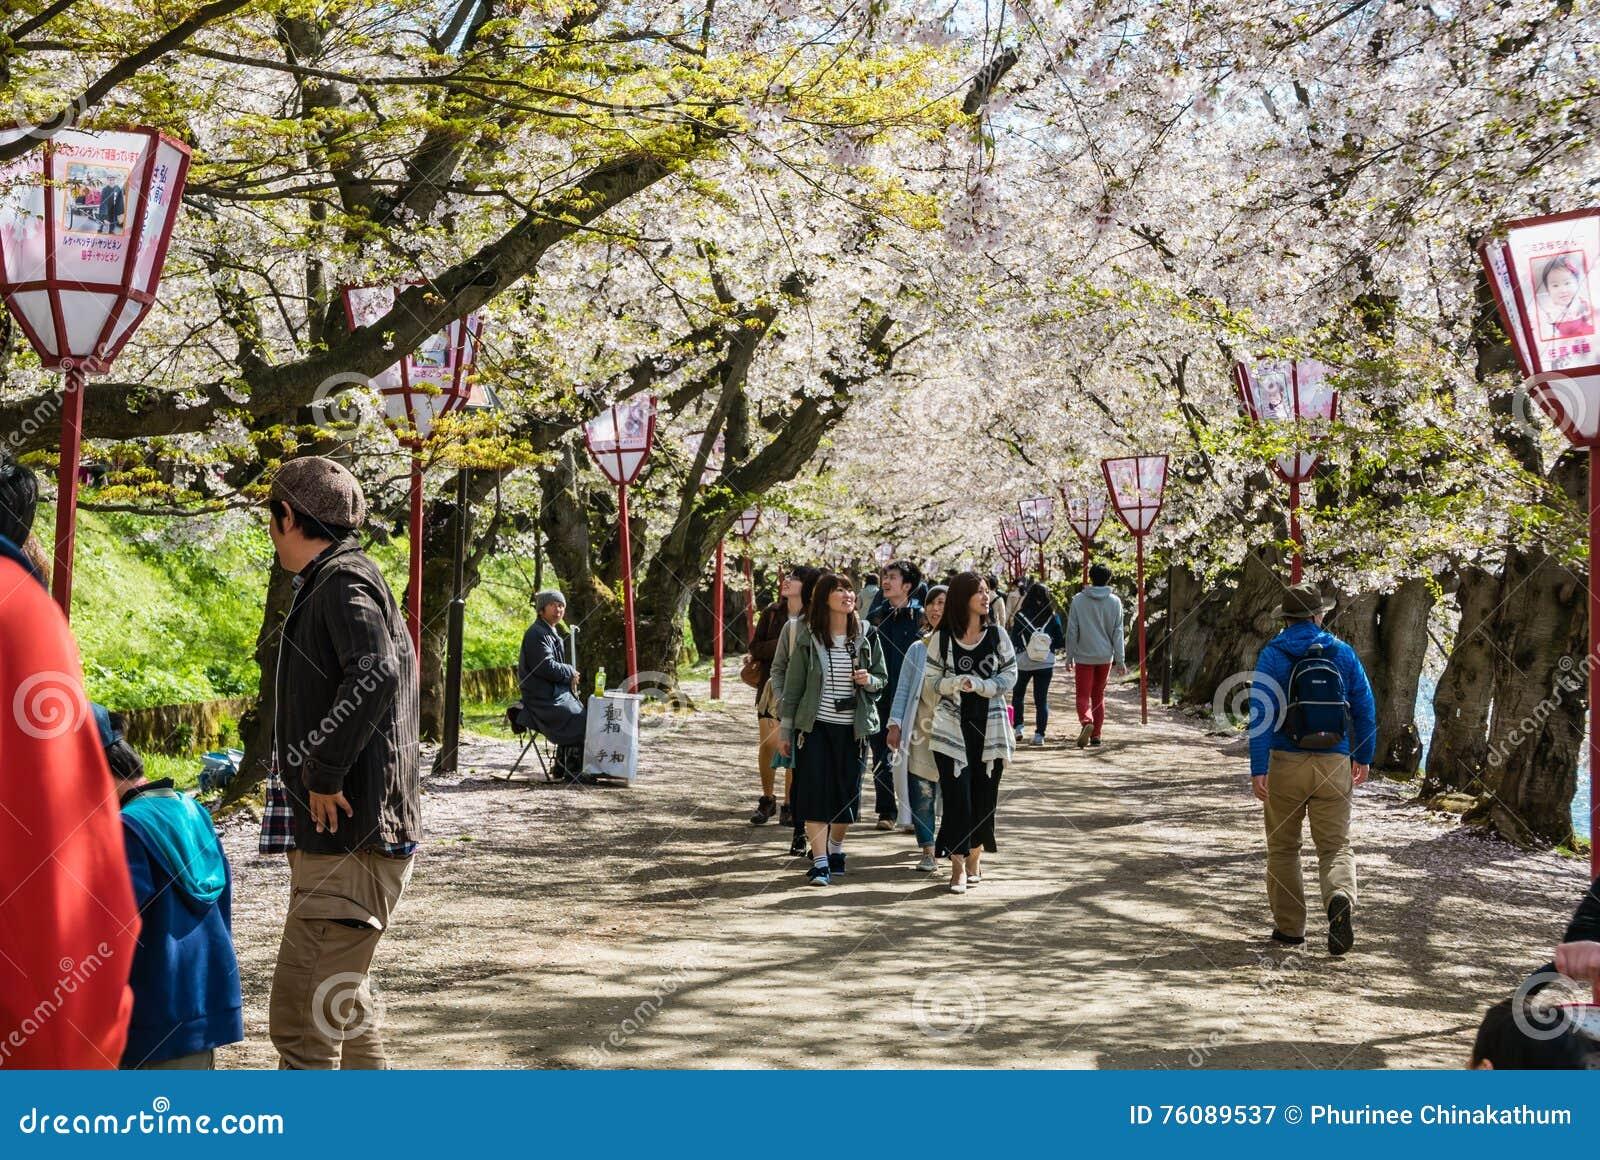 Touriste au parc de château de Hirosaki